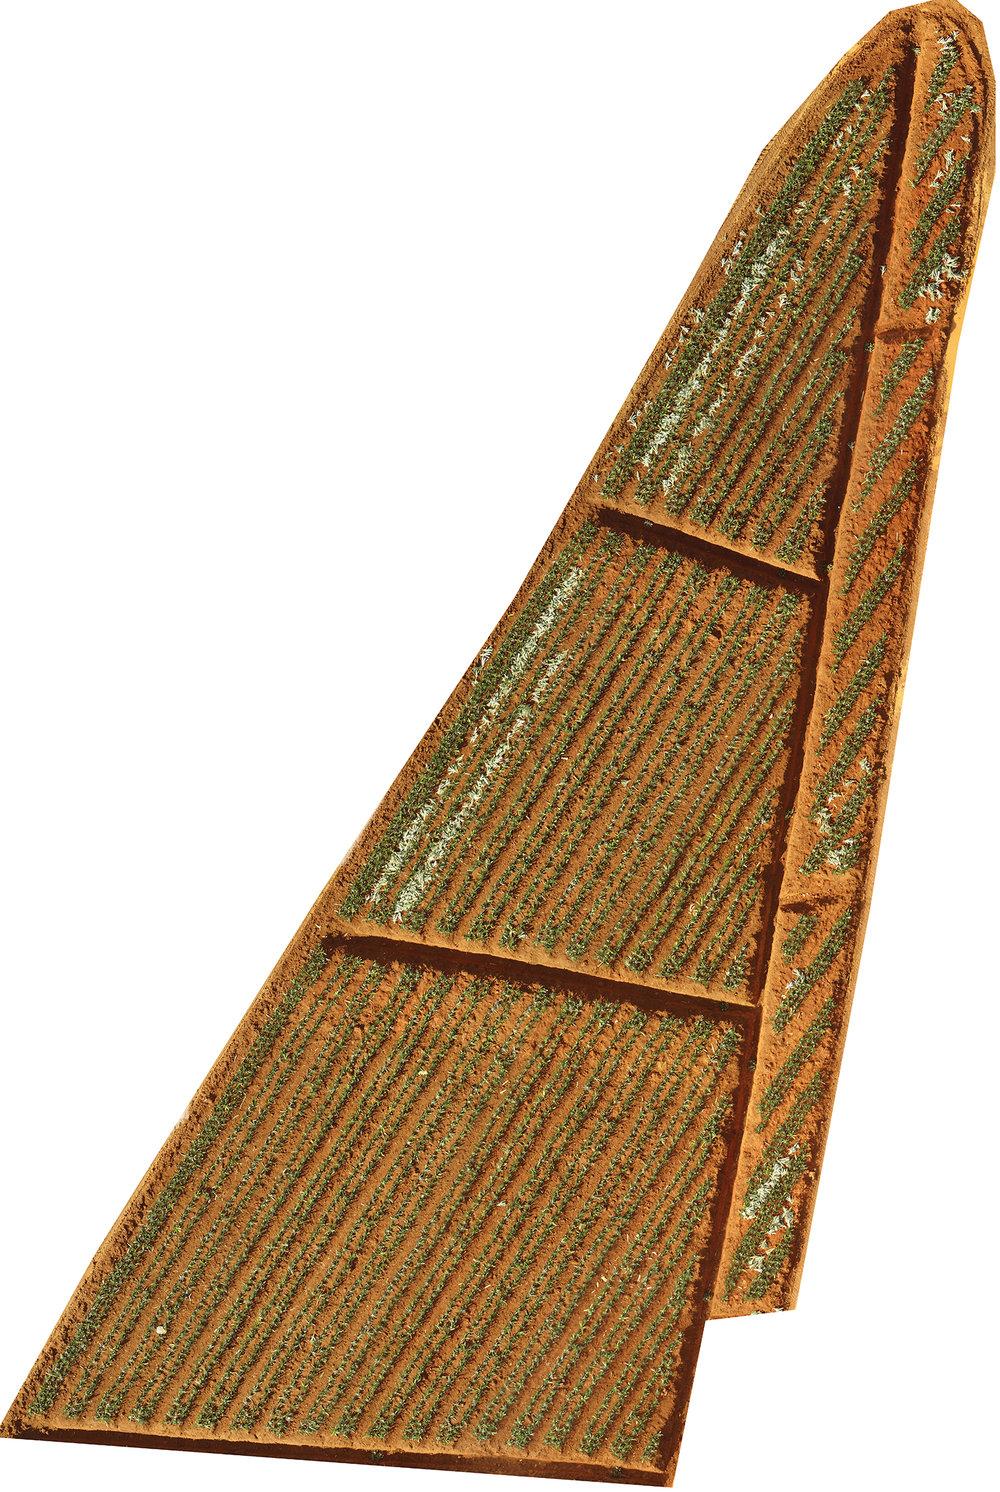 ortomosaico de lotes de plantacion de piña